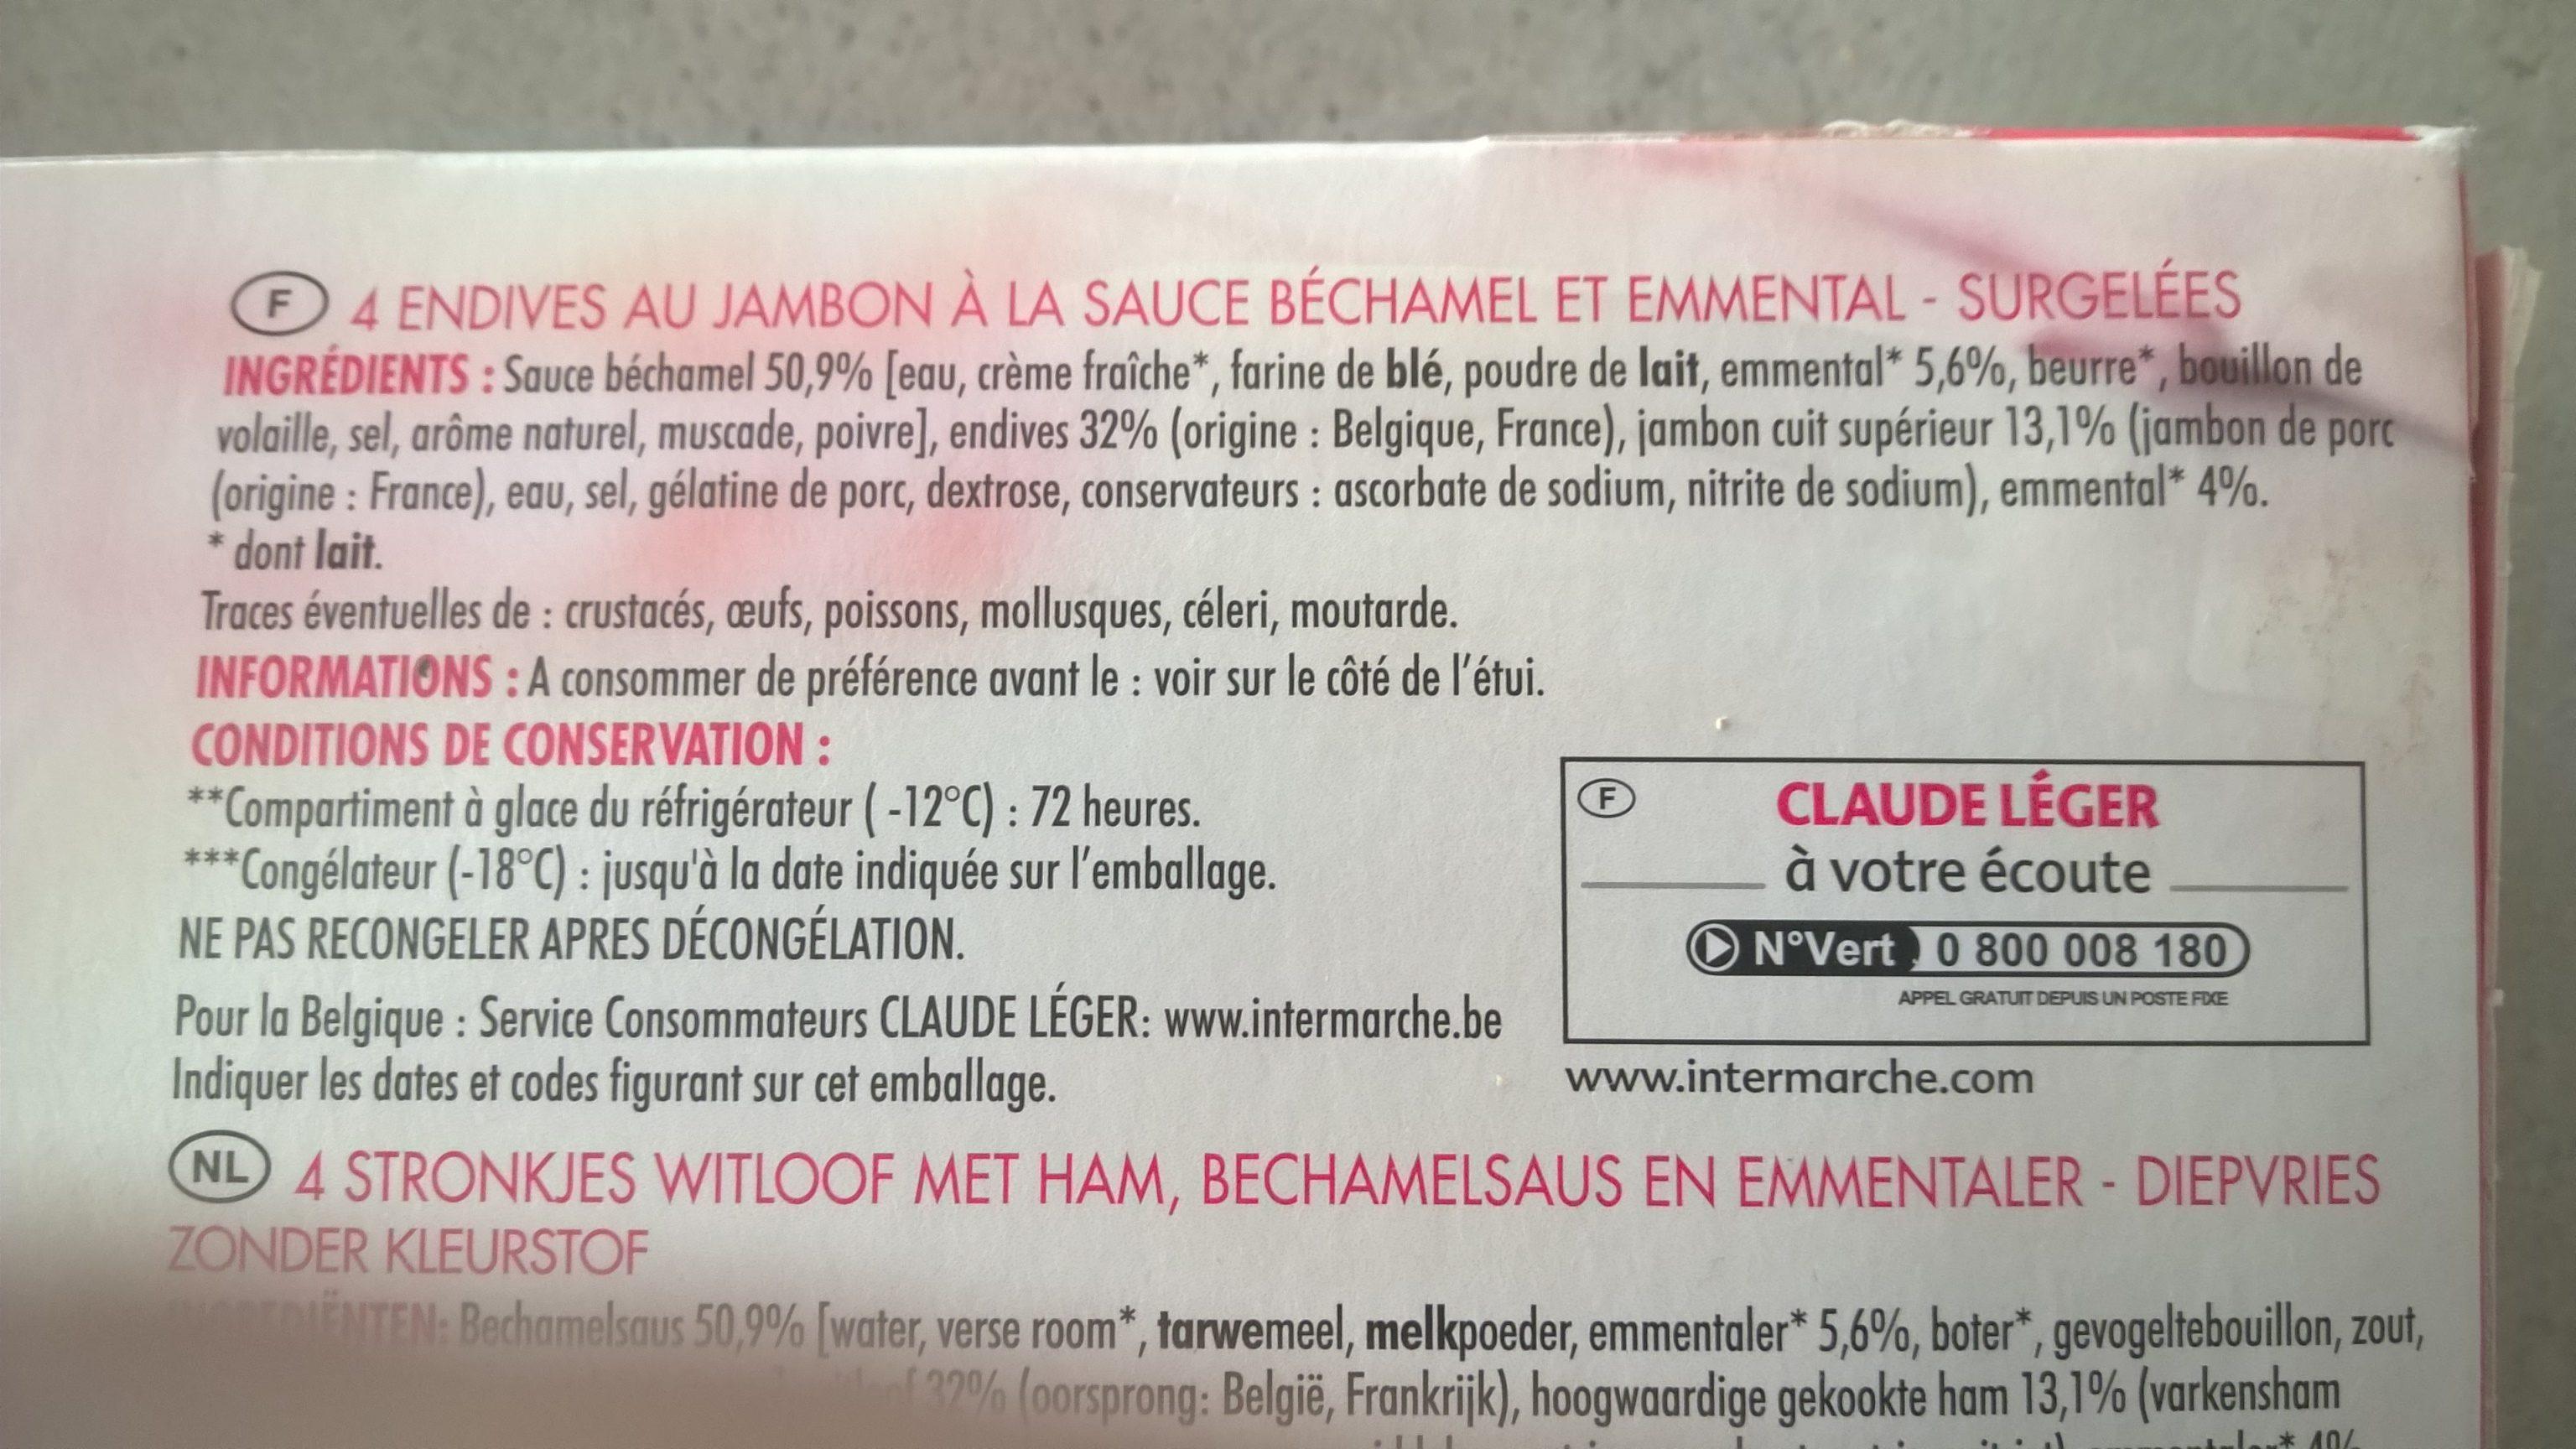 Endives au jambonSauce béchamel et emmental - Product